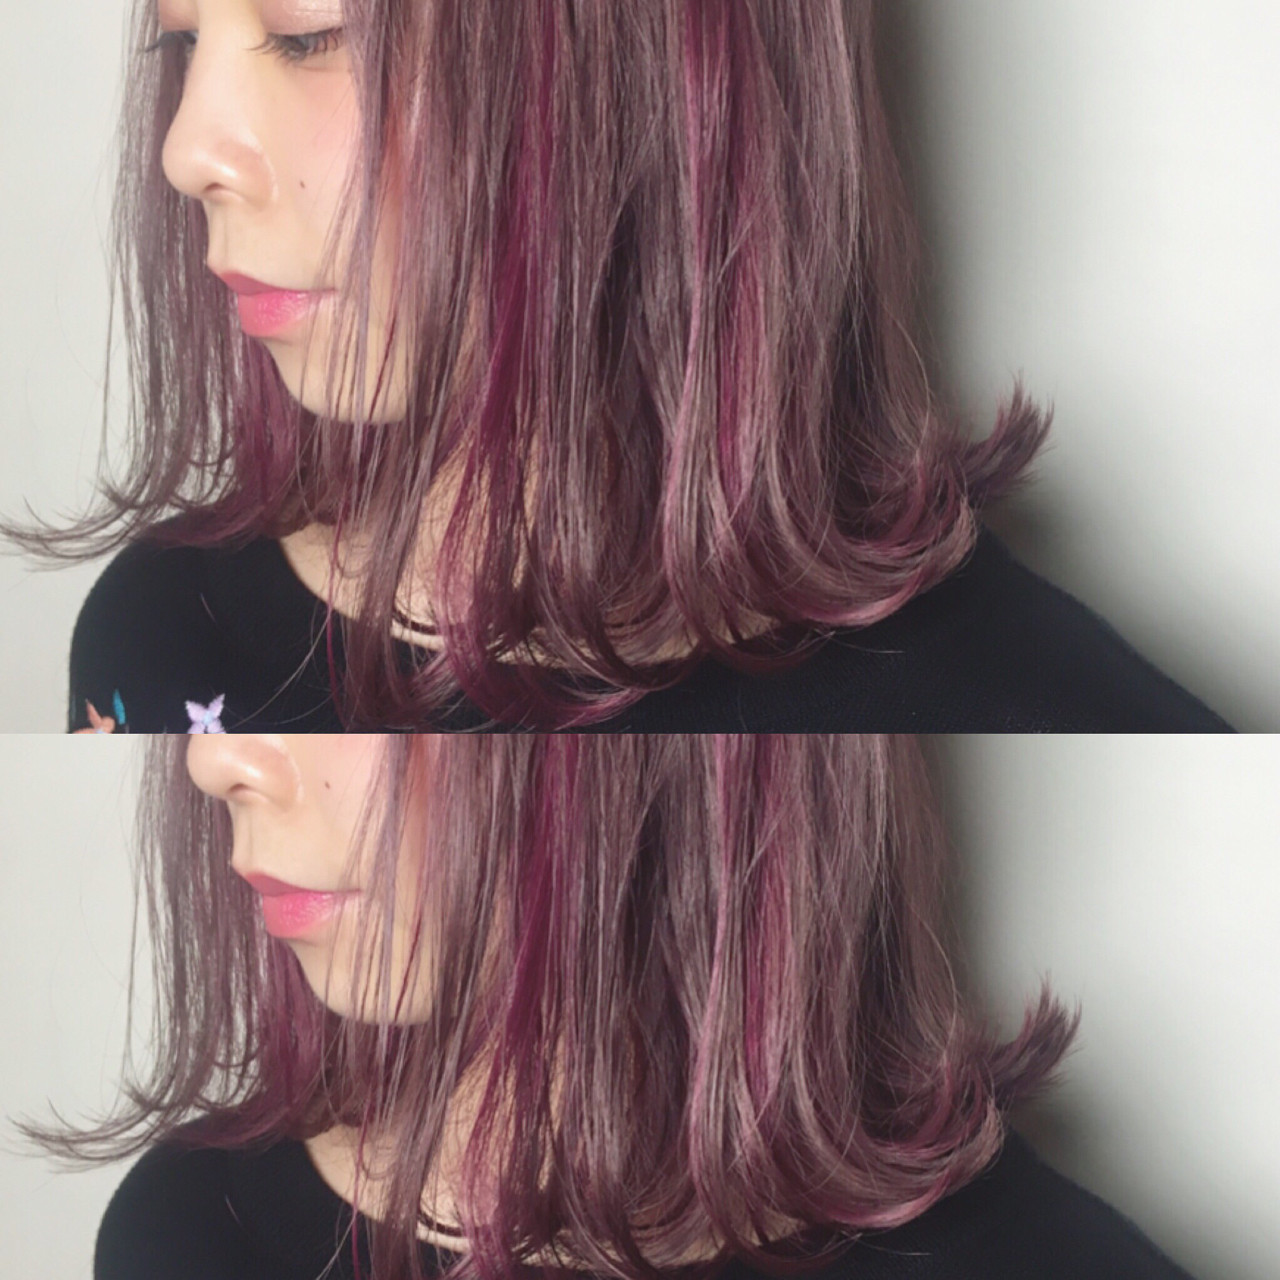 髪色から秋めいて。最新トレンドは「レッドブラウン」のヘアカラー♡の14枚目の画像